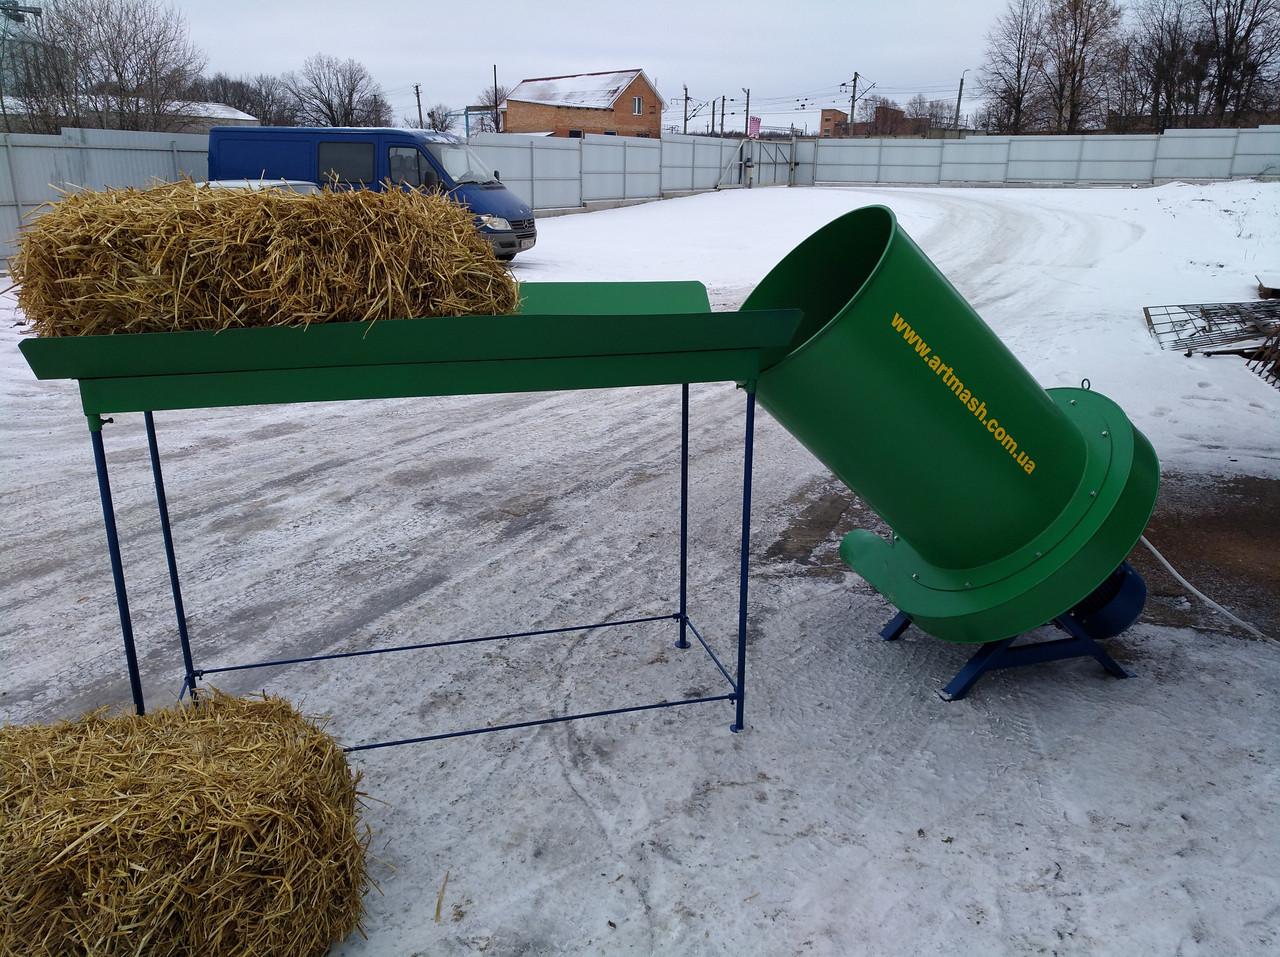 Измельчитель сена промышленный 380 В, 18,5 кВт (сенорезка, сеноизмельчитель, сенодробилка)